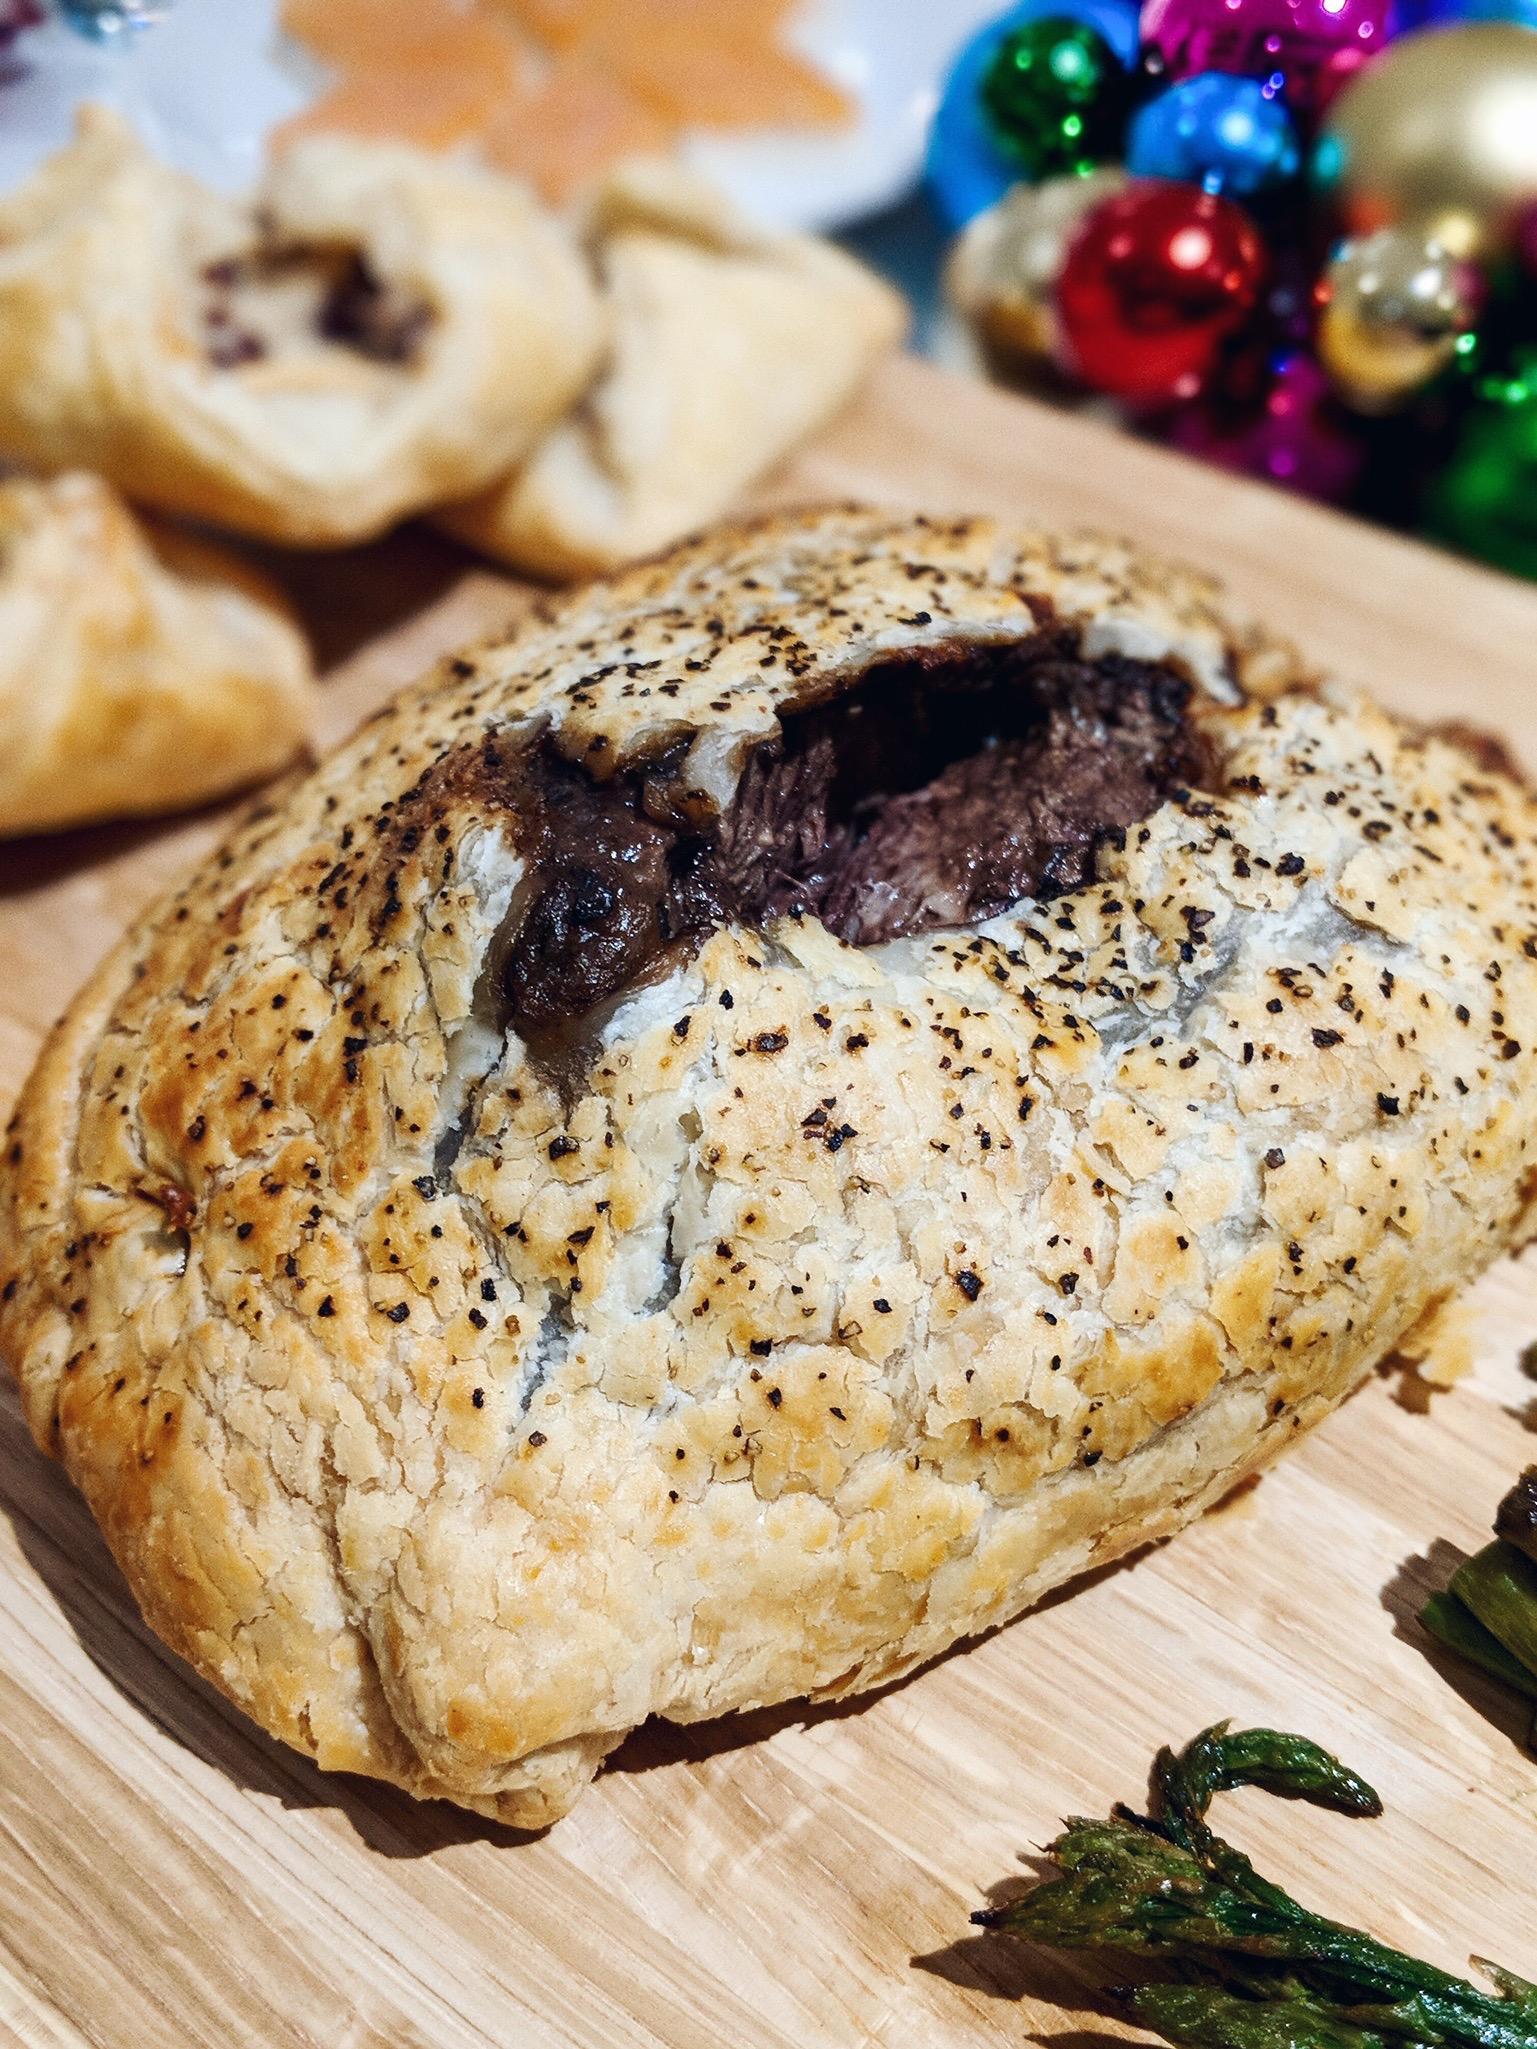 iceland luxury food christmas cocoa chelsea beef wellington